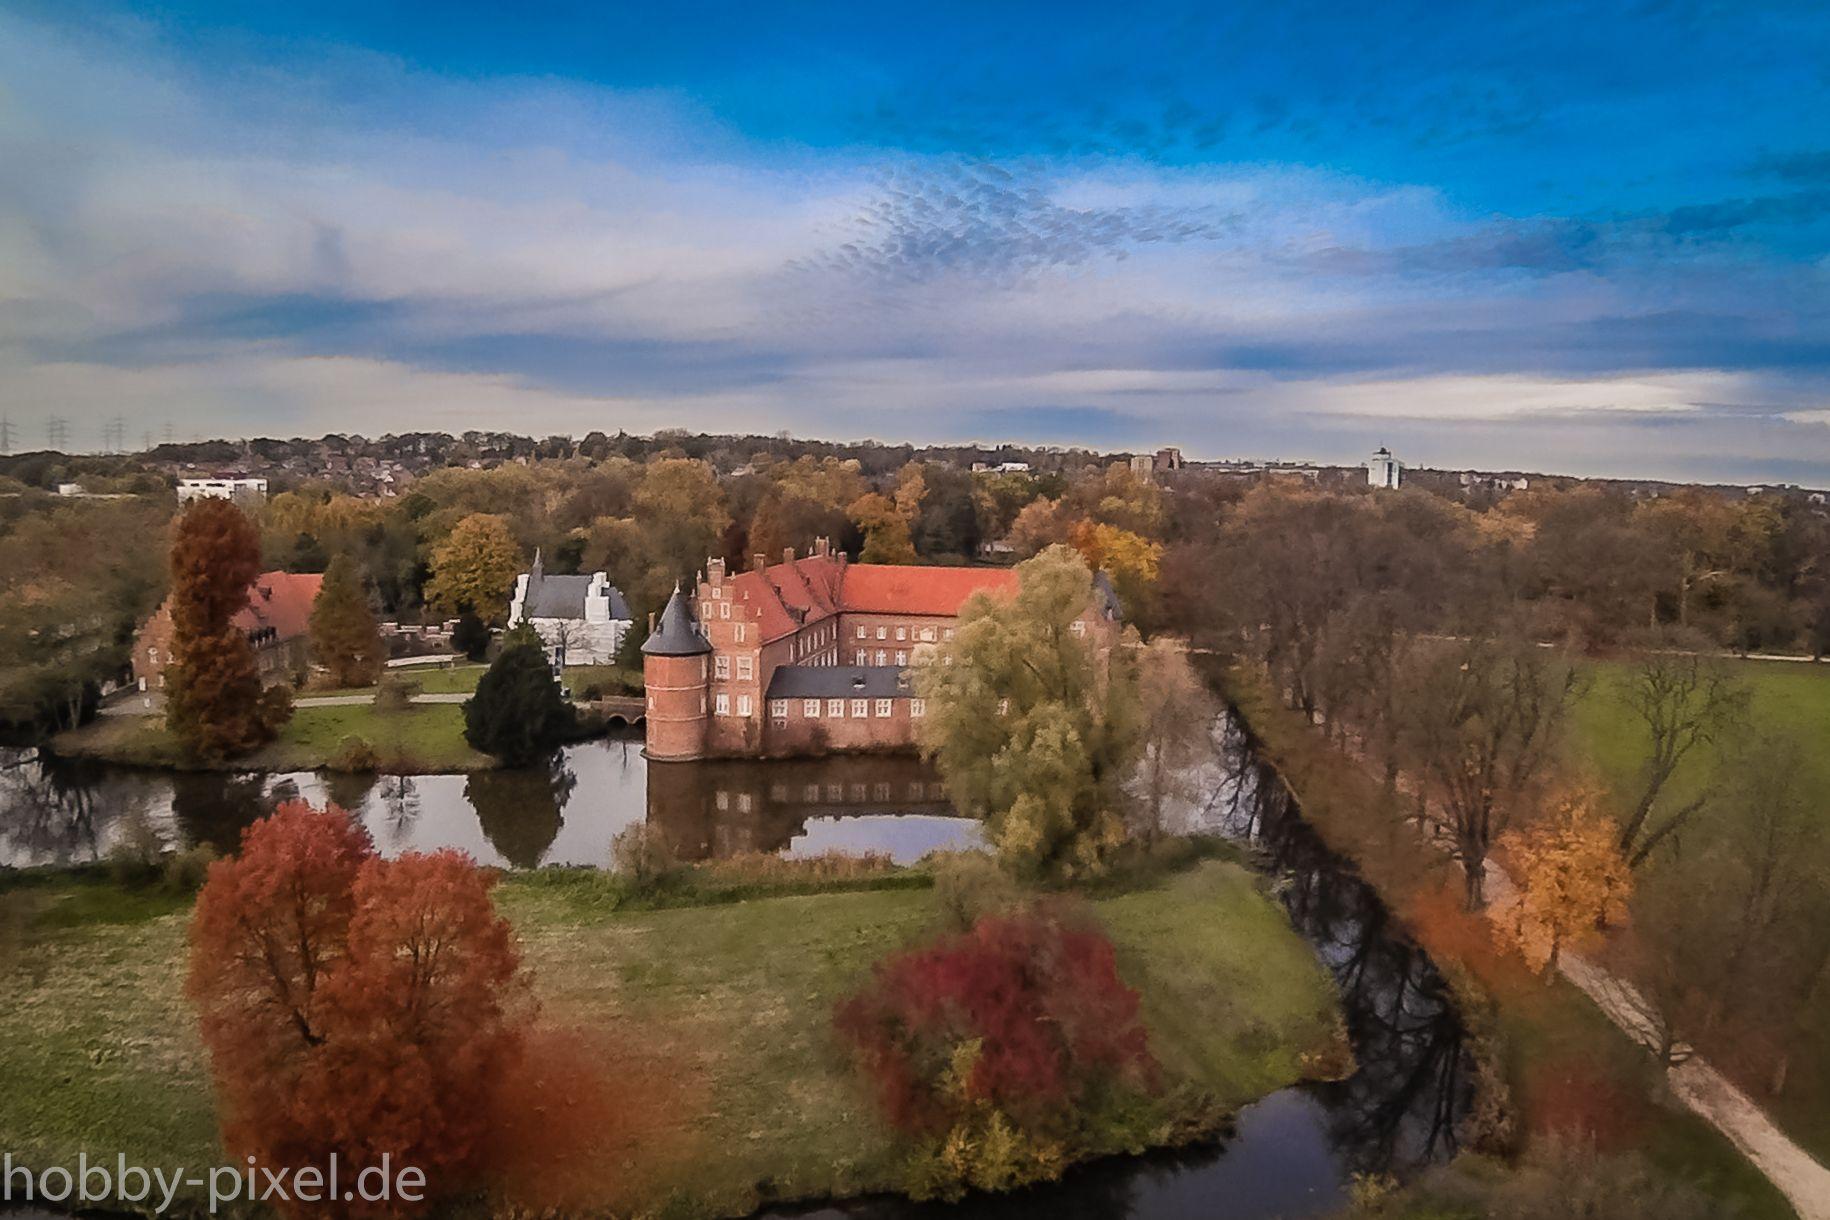 Klettergerüst Schlosspark Herten : Best luftfotos schlosspark herten images babys